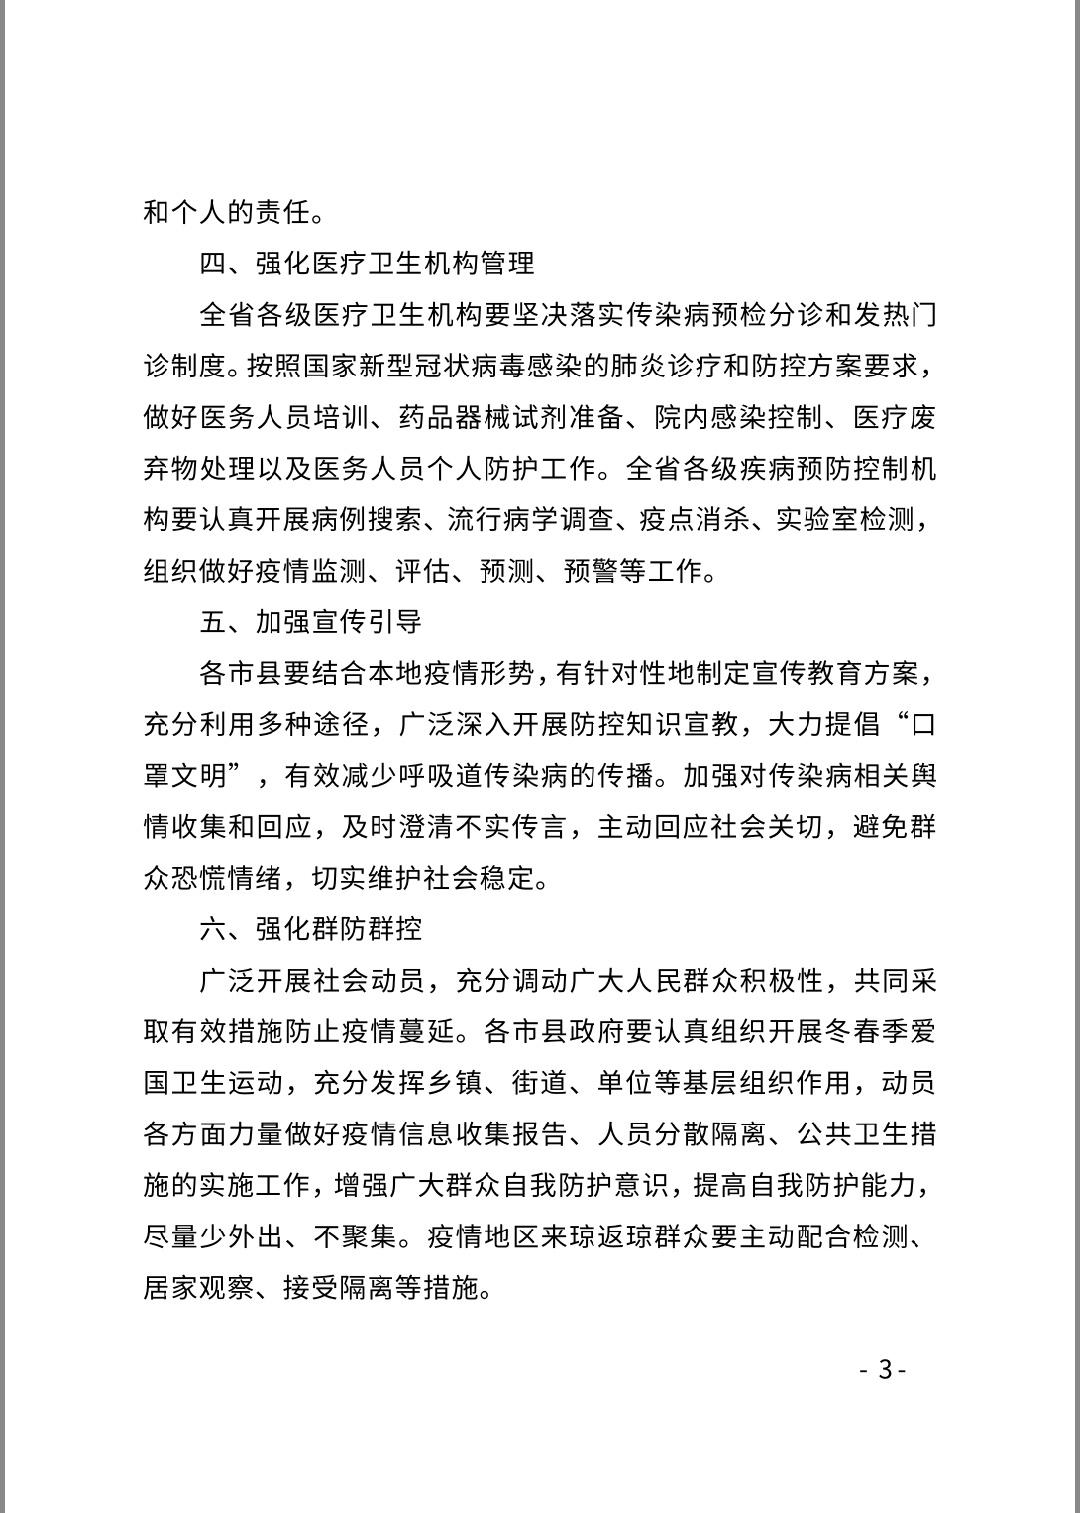 海南省人民政府關于啟動海南省突發公共衛生事件Ⅰ級響應的通知